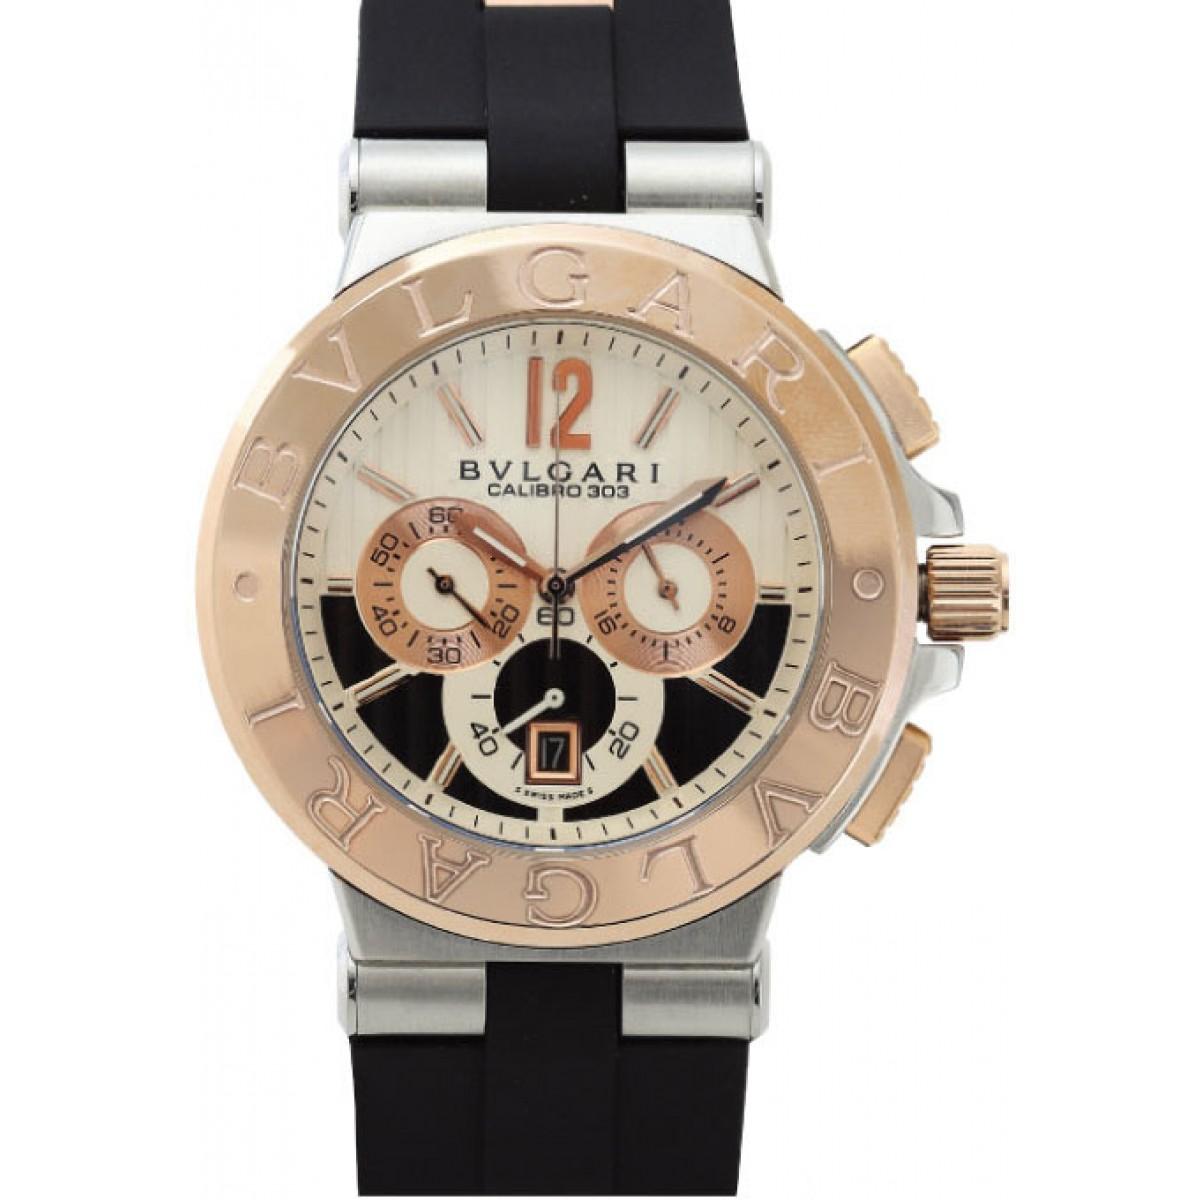 daae728cb6d Relógio Réplica Bulgari Calibro 303